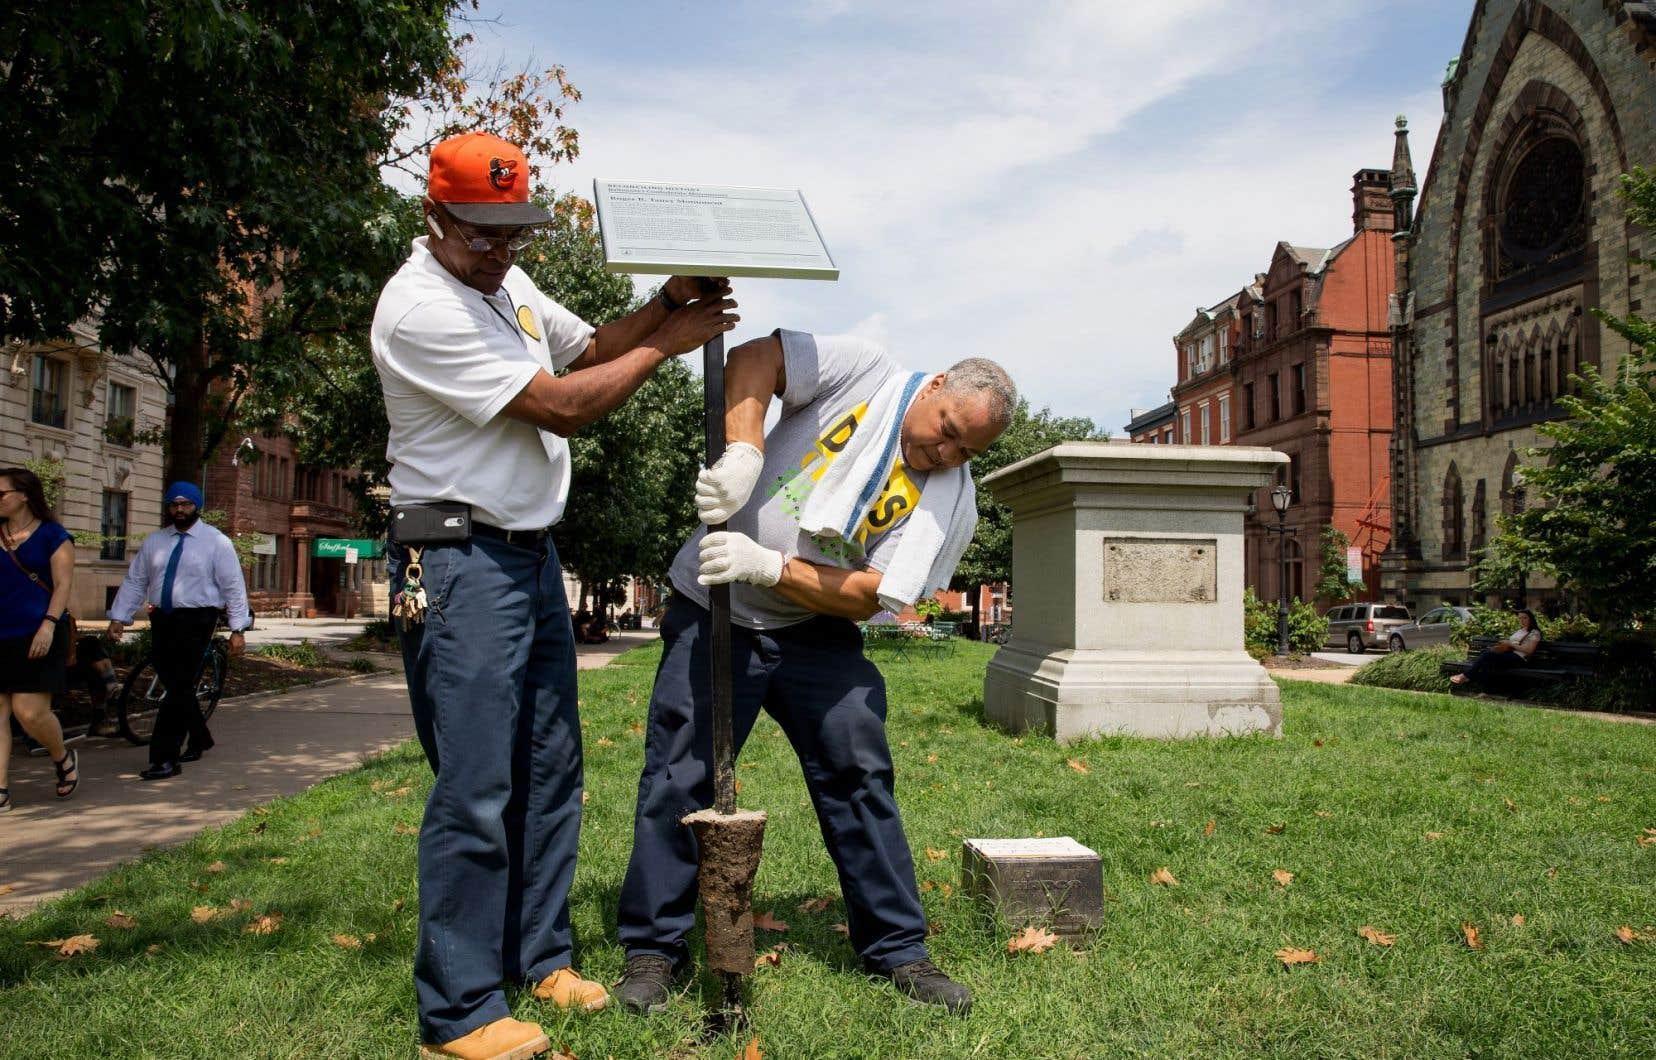 Des travailleurs municipaux ont procédé au retrait d'une plaque accompagnant le monument Roger B. Taney, lui aussi retiré, à Baltimore au Maryland.